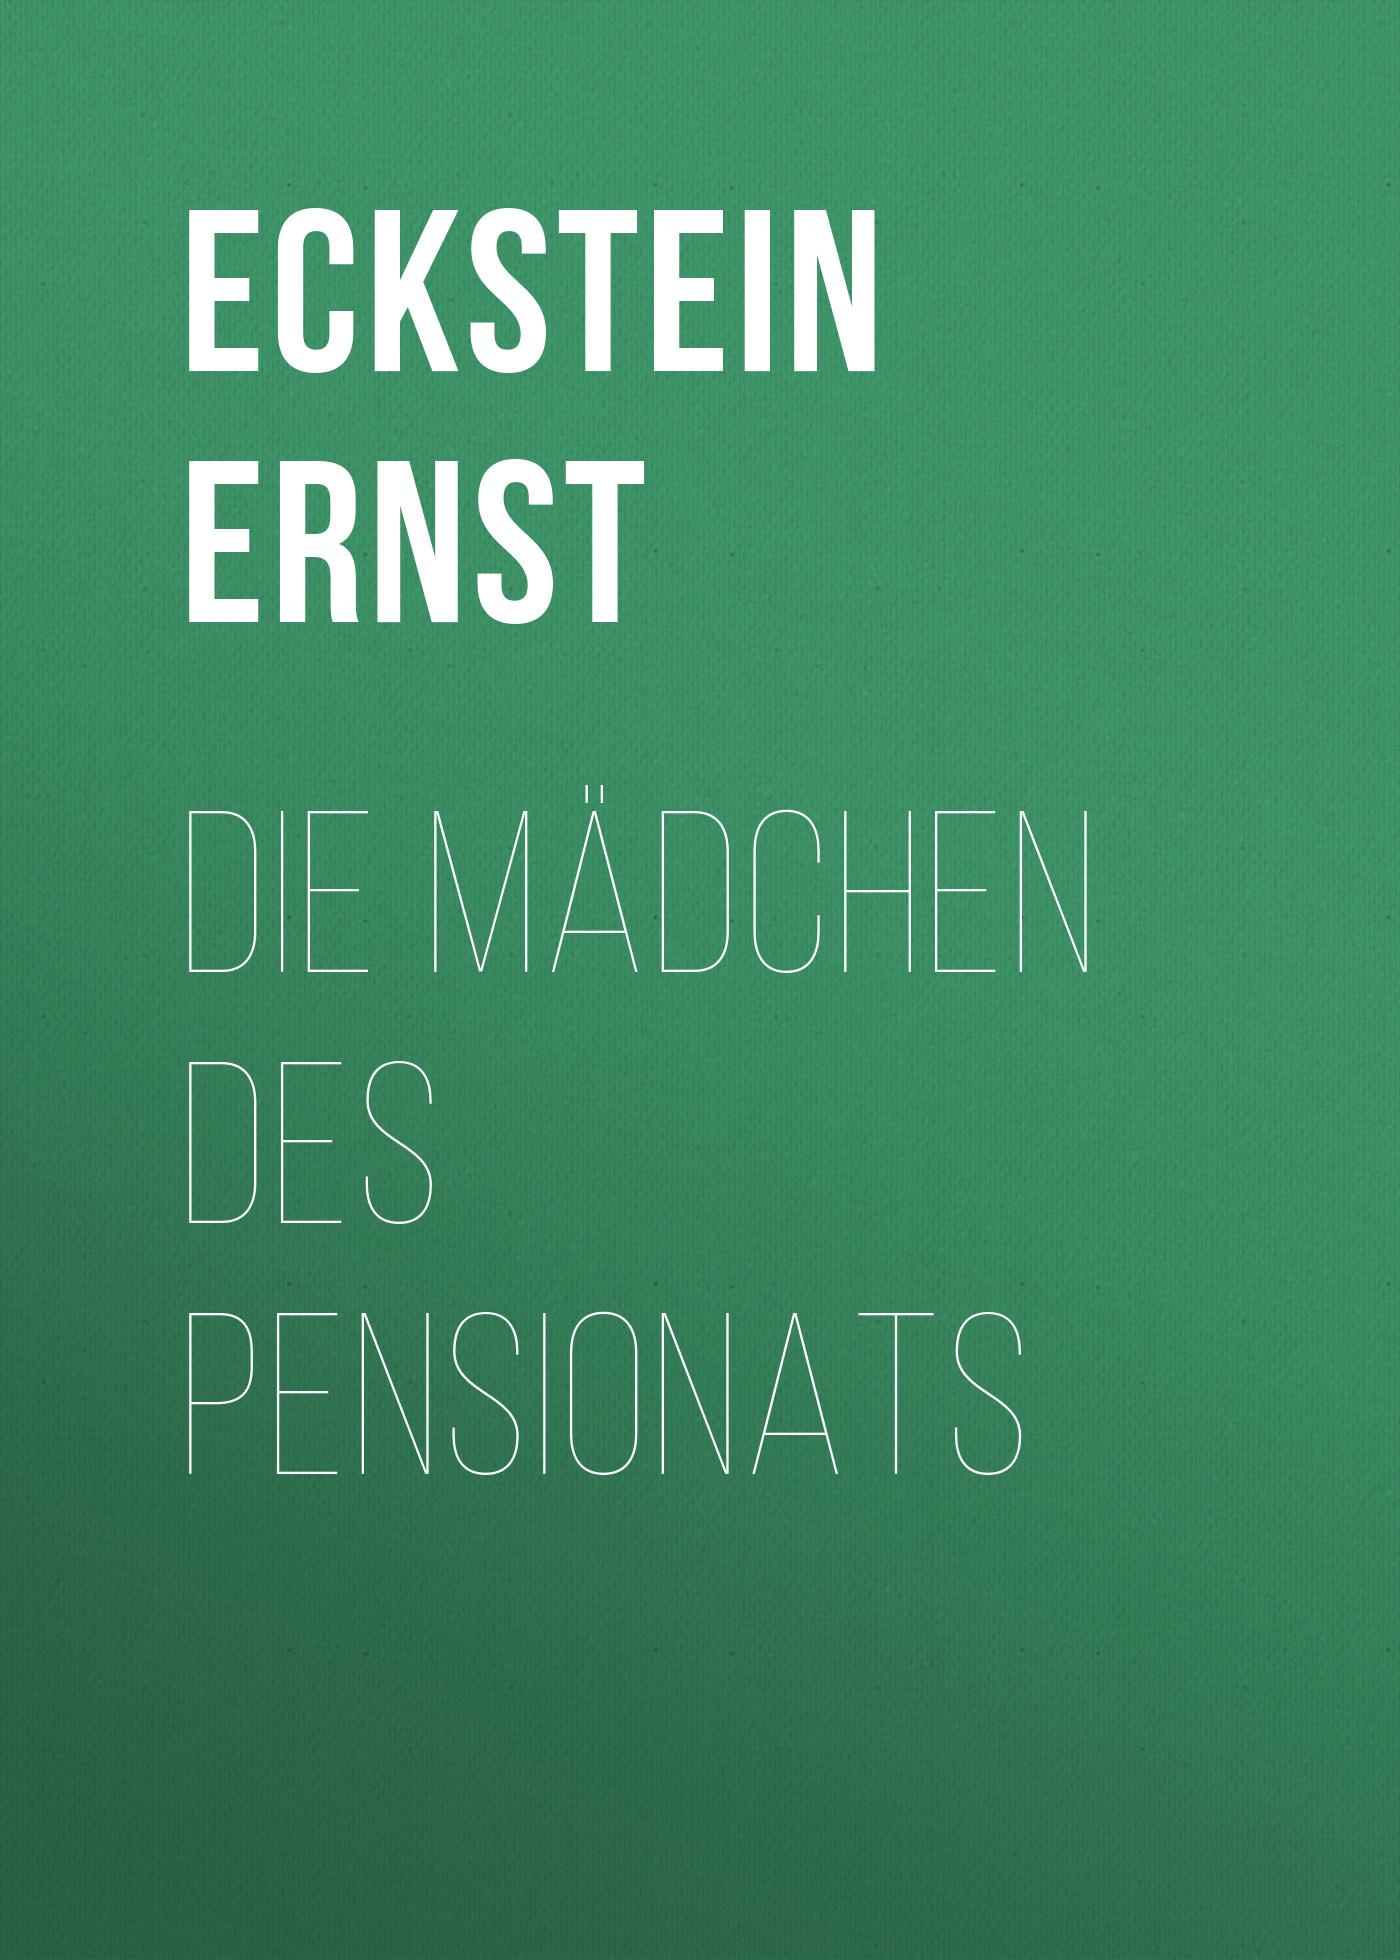 Eckstein Ernst Die Mädchen des Pensionats eckstein ernst die mädchen des pensionats page 2 page 2 page 8 page 7